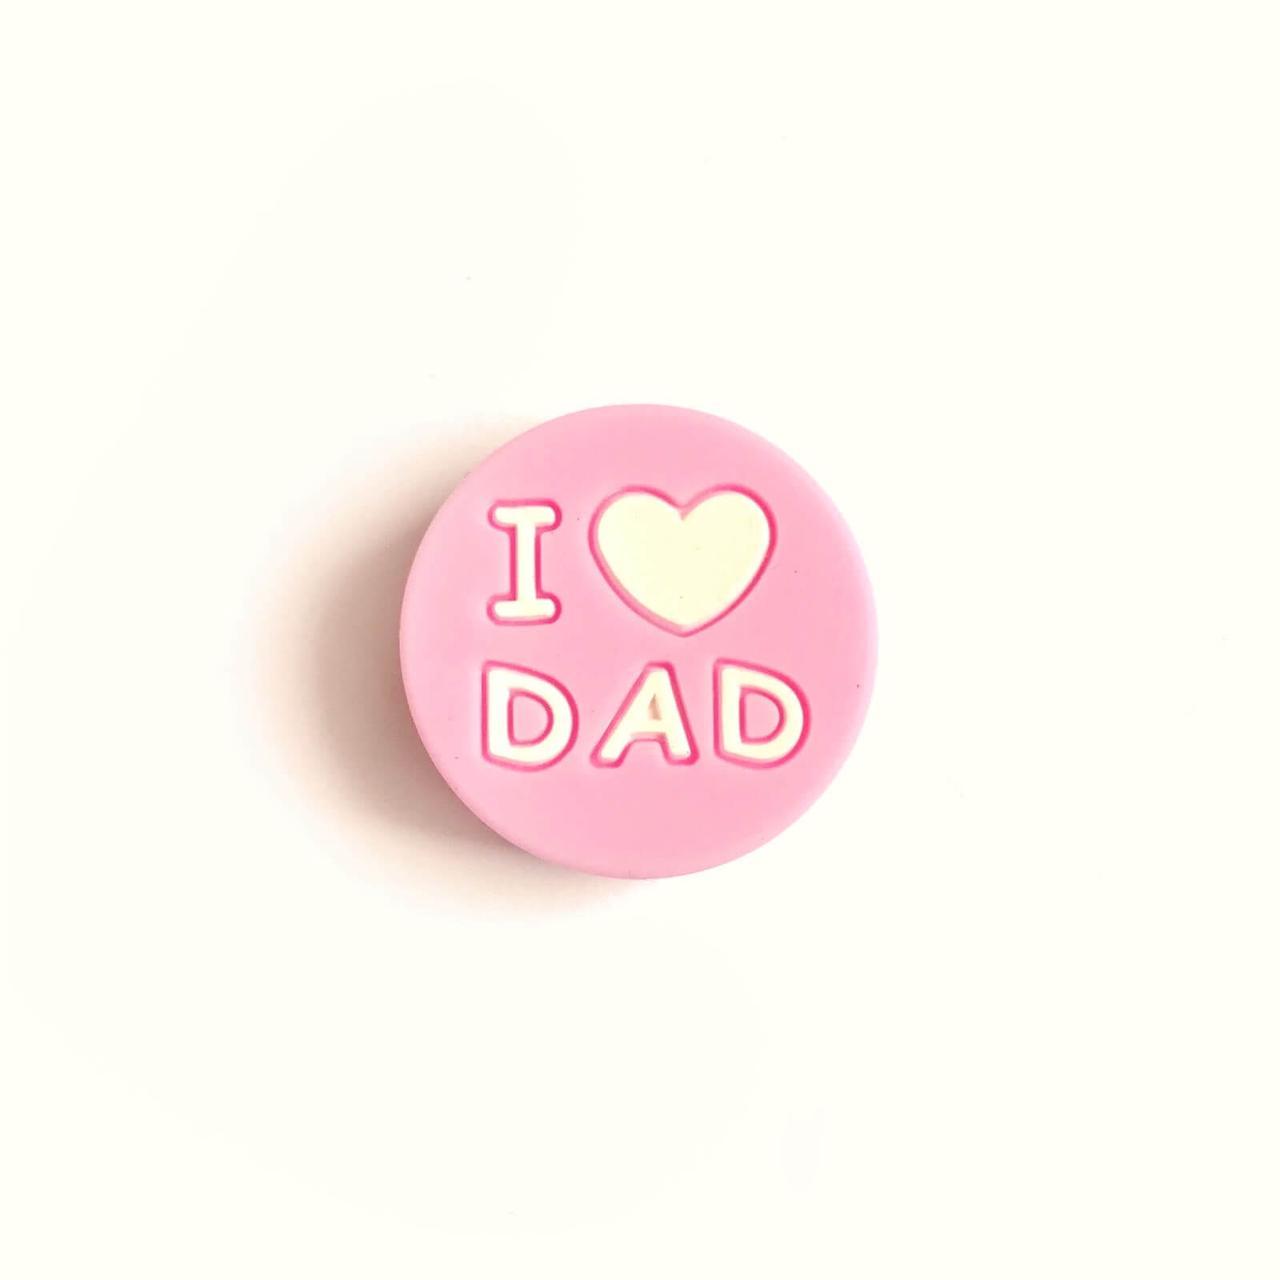 I LOVE DAD (пейл пинк) силиконовые бусины